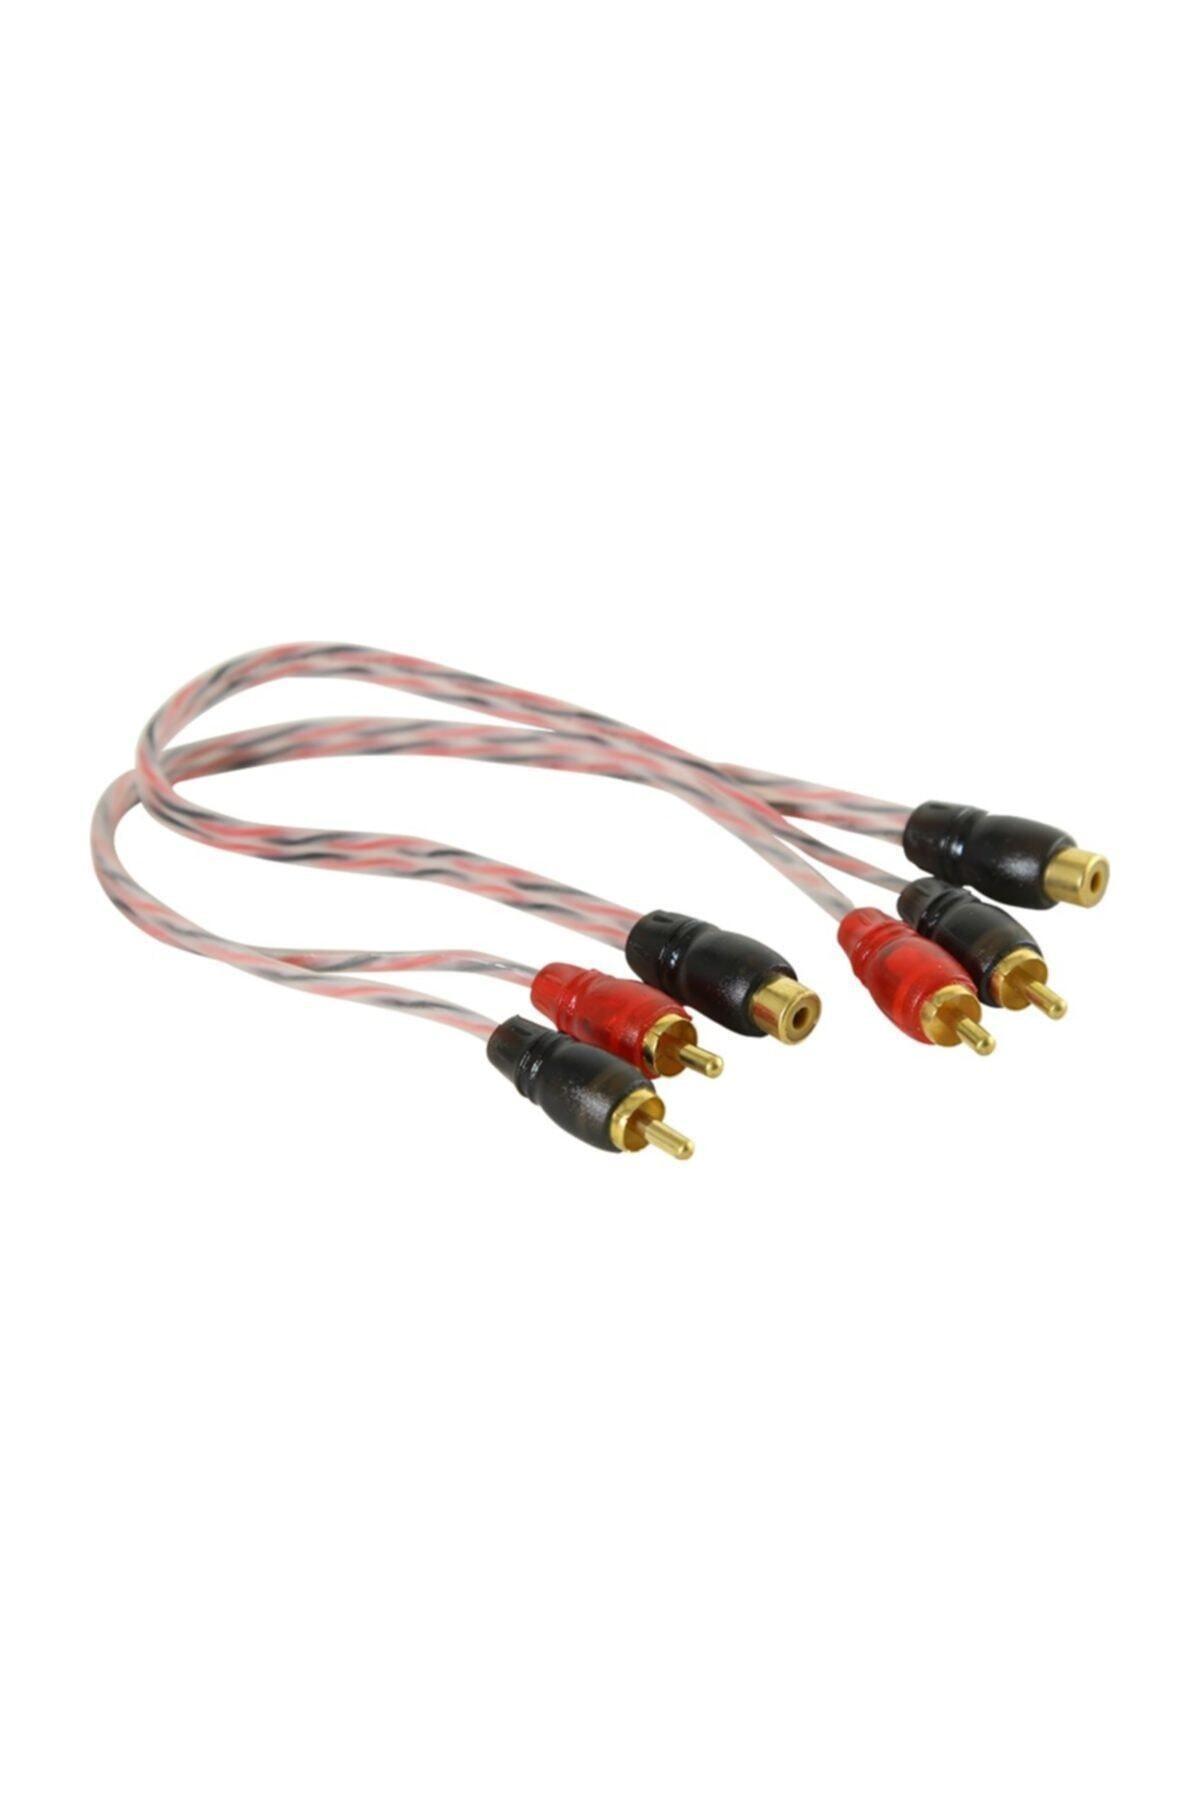 Reiss 2 Adet Reıs Rs-2m1f 1 Dişi 2 Erkek Anfi Y Kablosu Fiyatı, Yorumları -  Trendyol